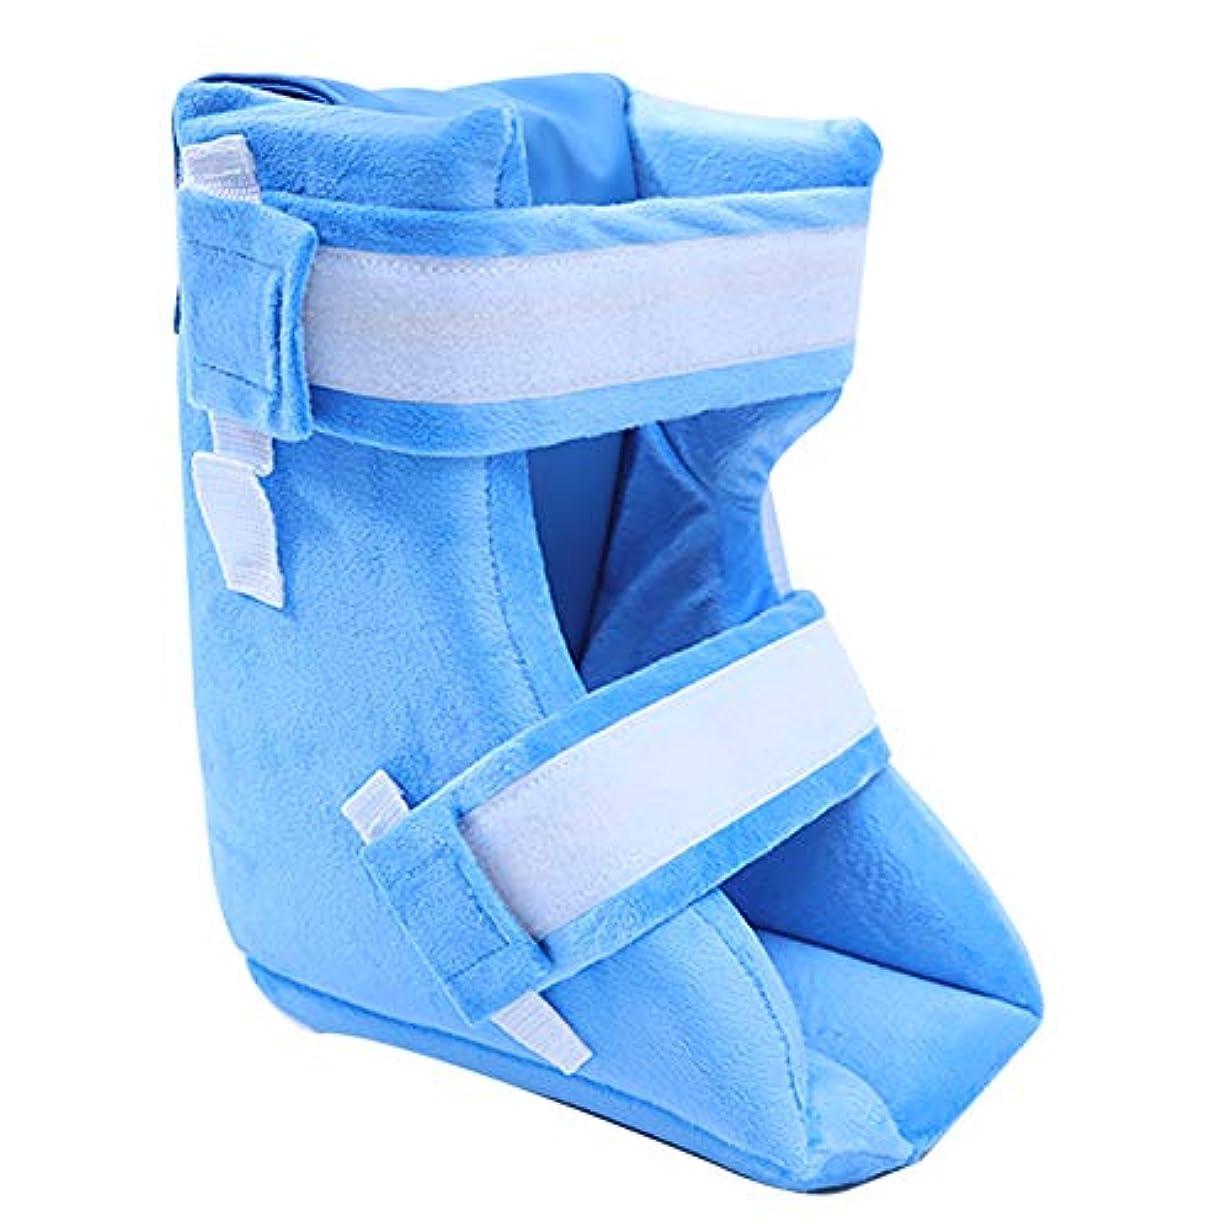 正当な対応する火傷ヒールプロテクター、ベッドの痛みのためのプロテクタークッション、足のエレベーターサポート枕、身に着けているために調節可能で簡単、治癒を促進するために圧力、傷や潰瘍から保護